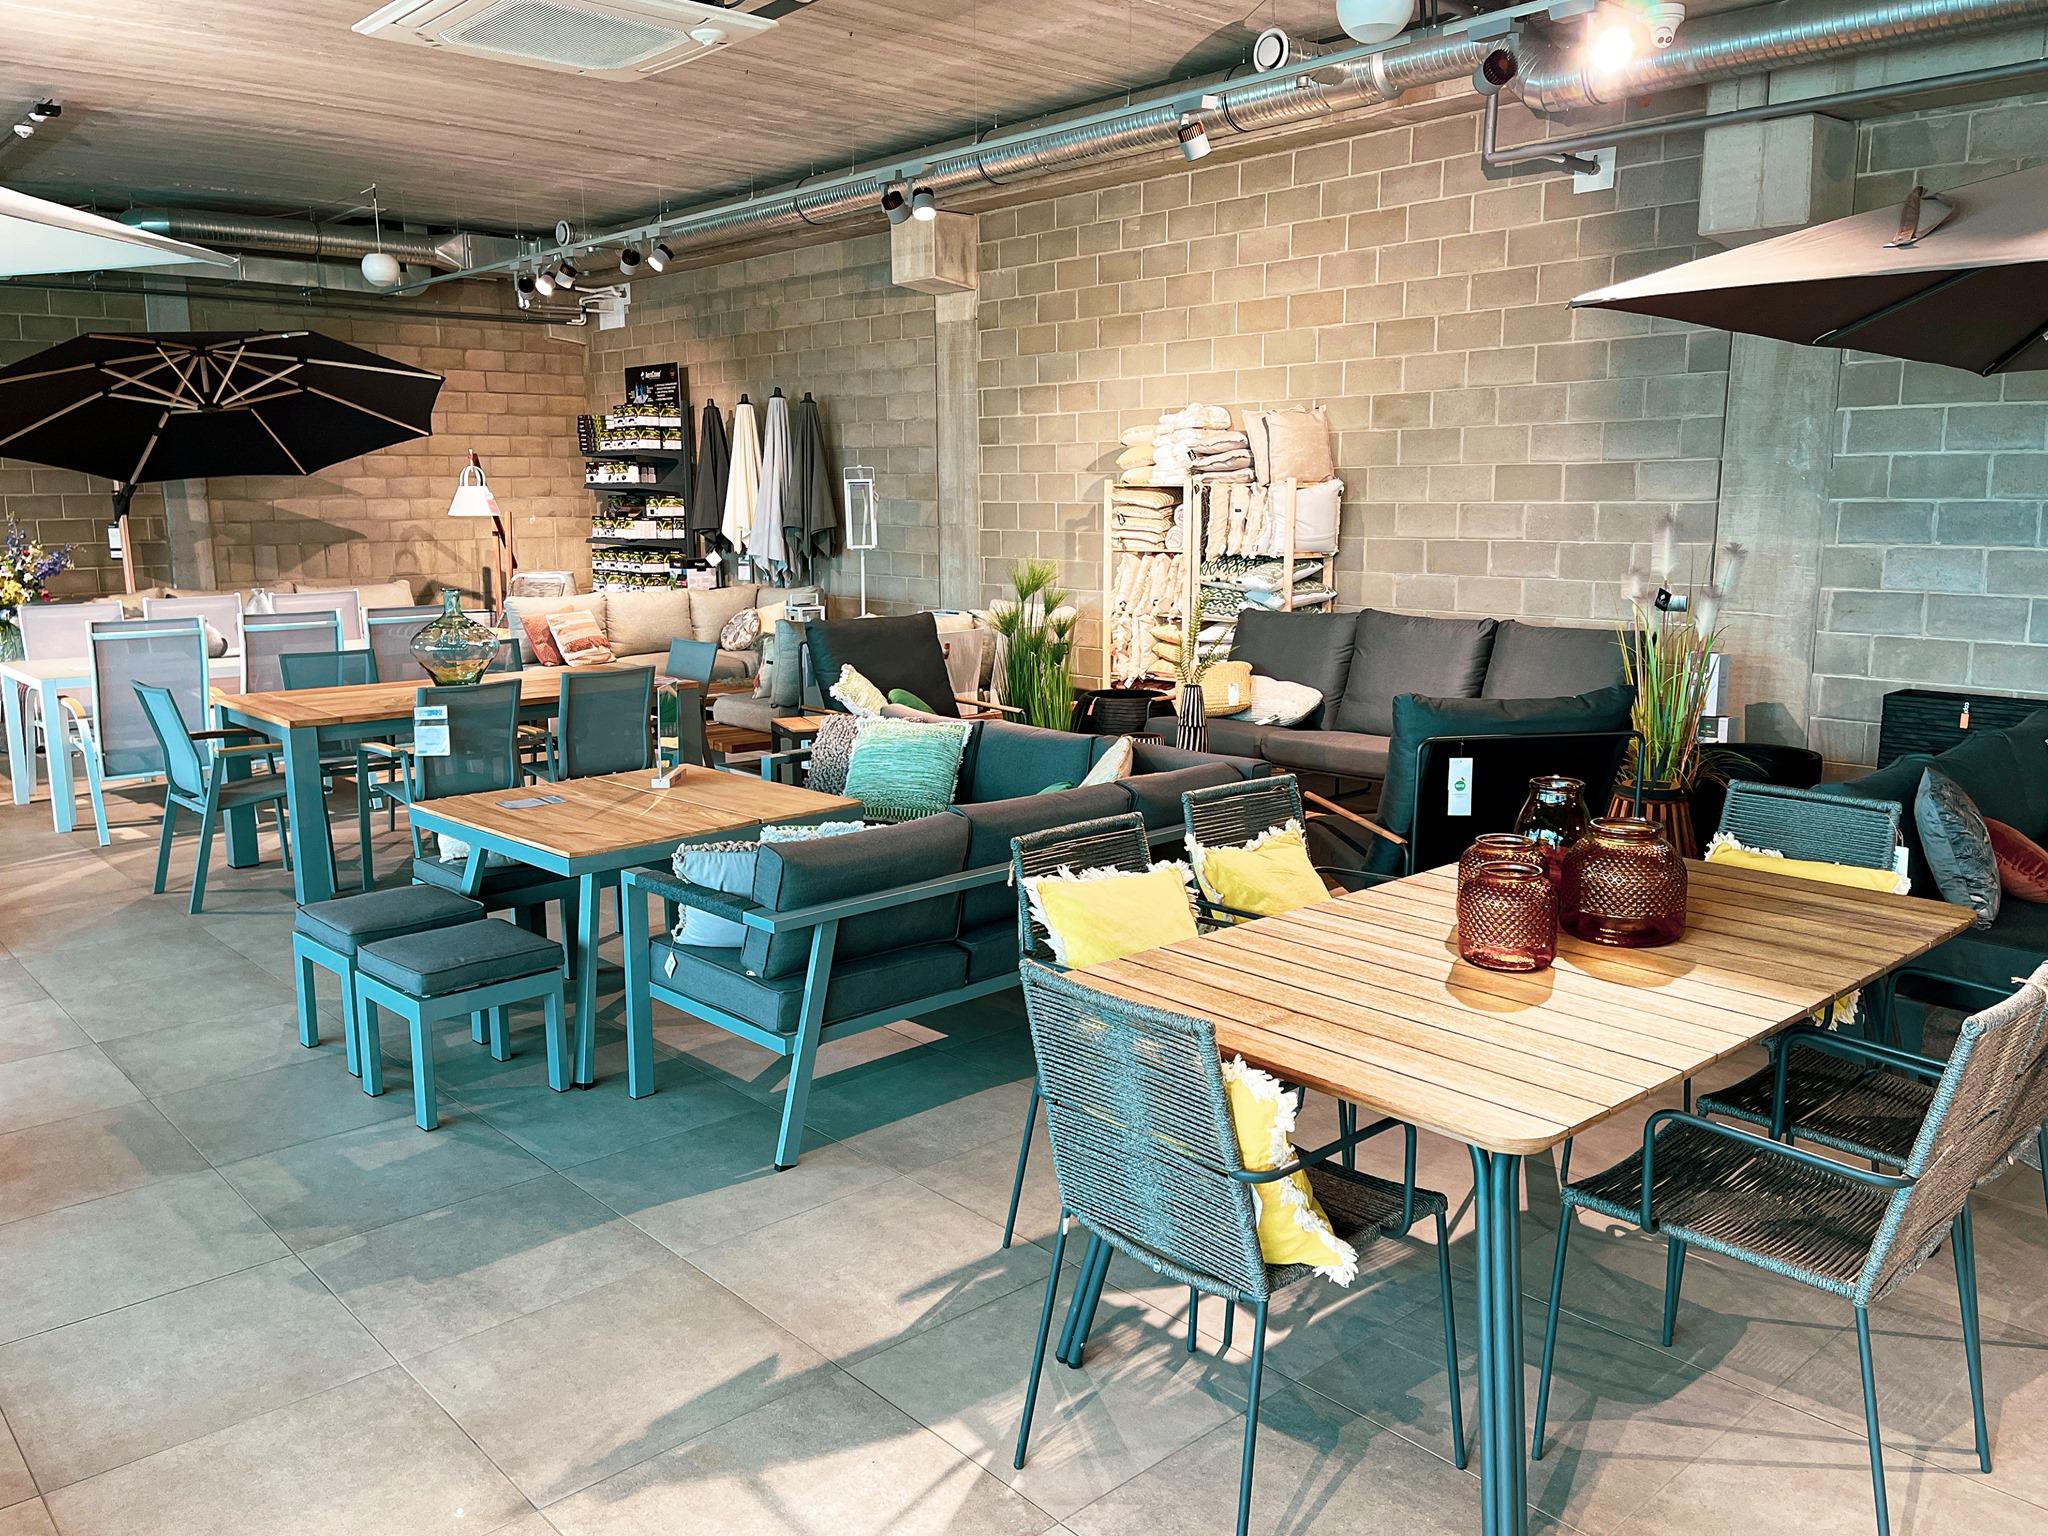 Garden Space showroom